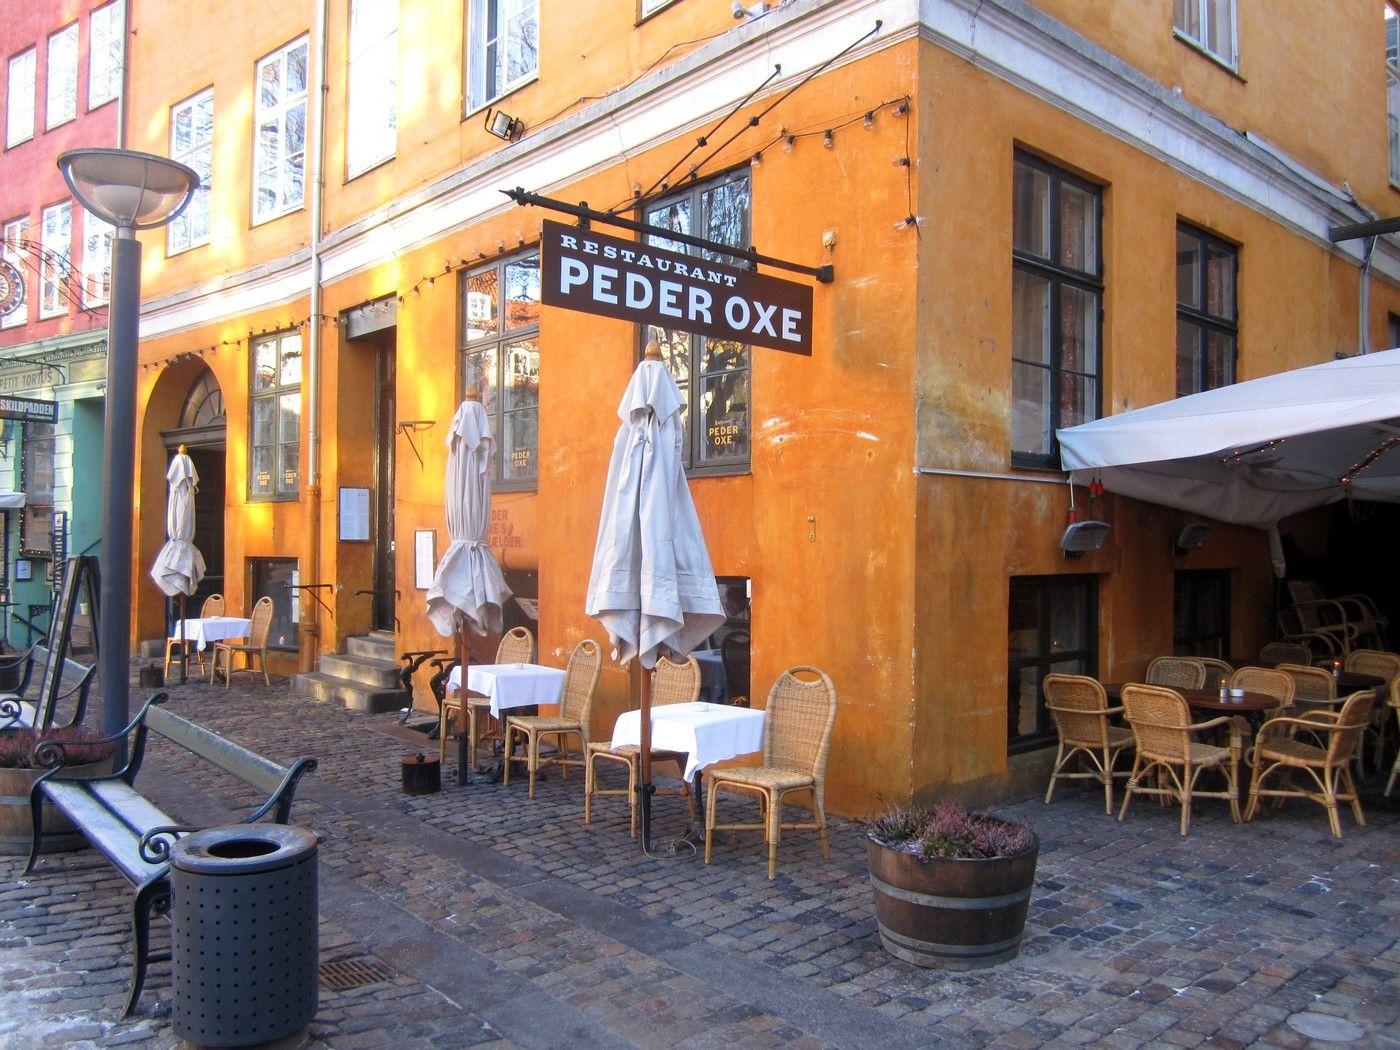 Restaurant Peder Oxe In K 248 Benhavn K I Want To Visit